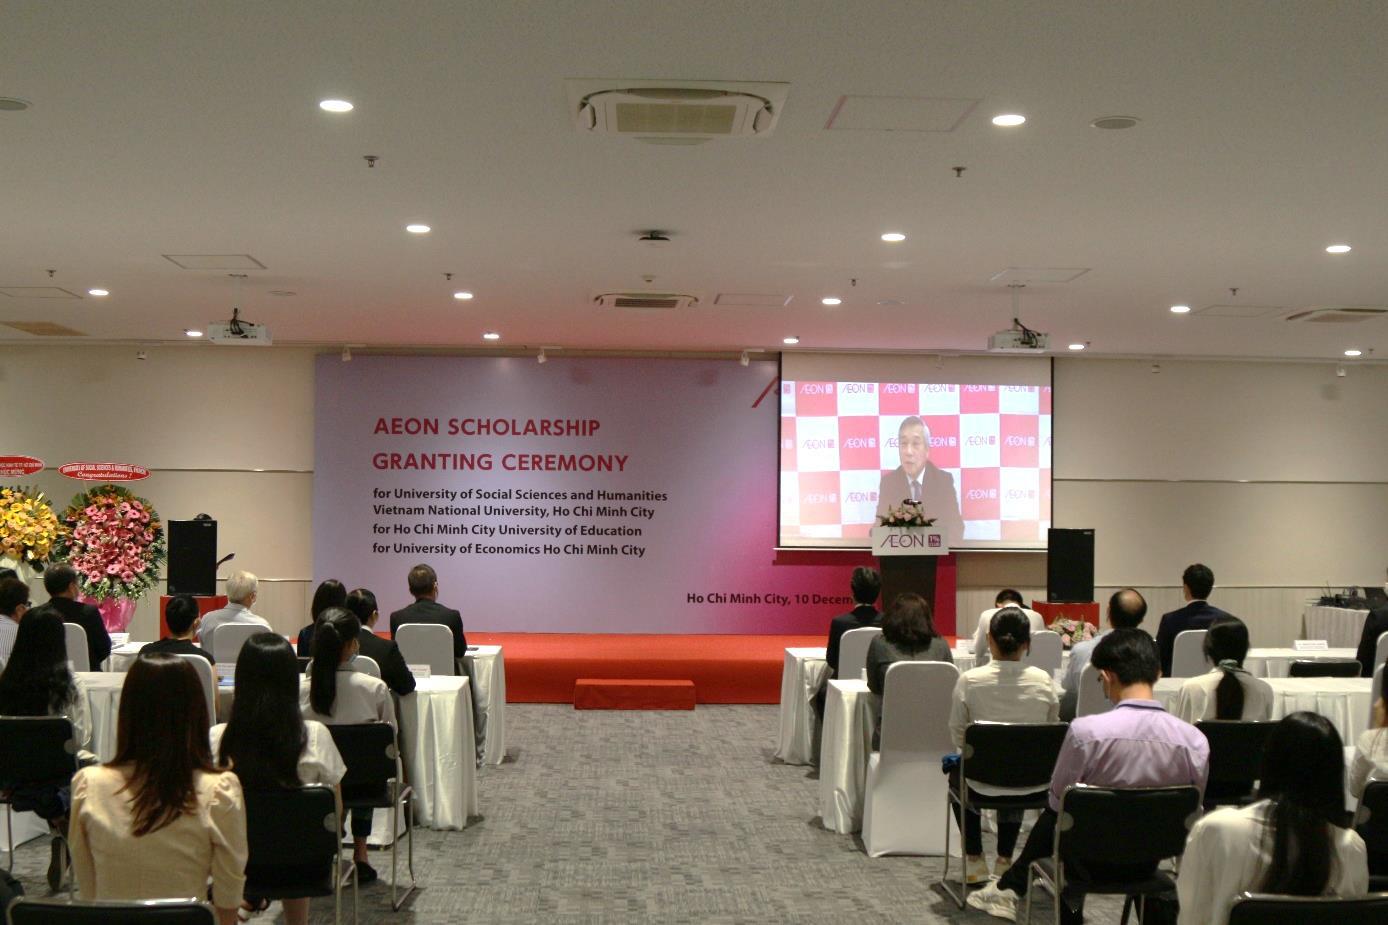 AEON tổ chức trực tuyến lễ trao học bổng lần thứ 12 cho sinh viên Việt Nam - Ảnh 2.